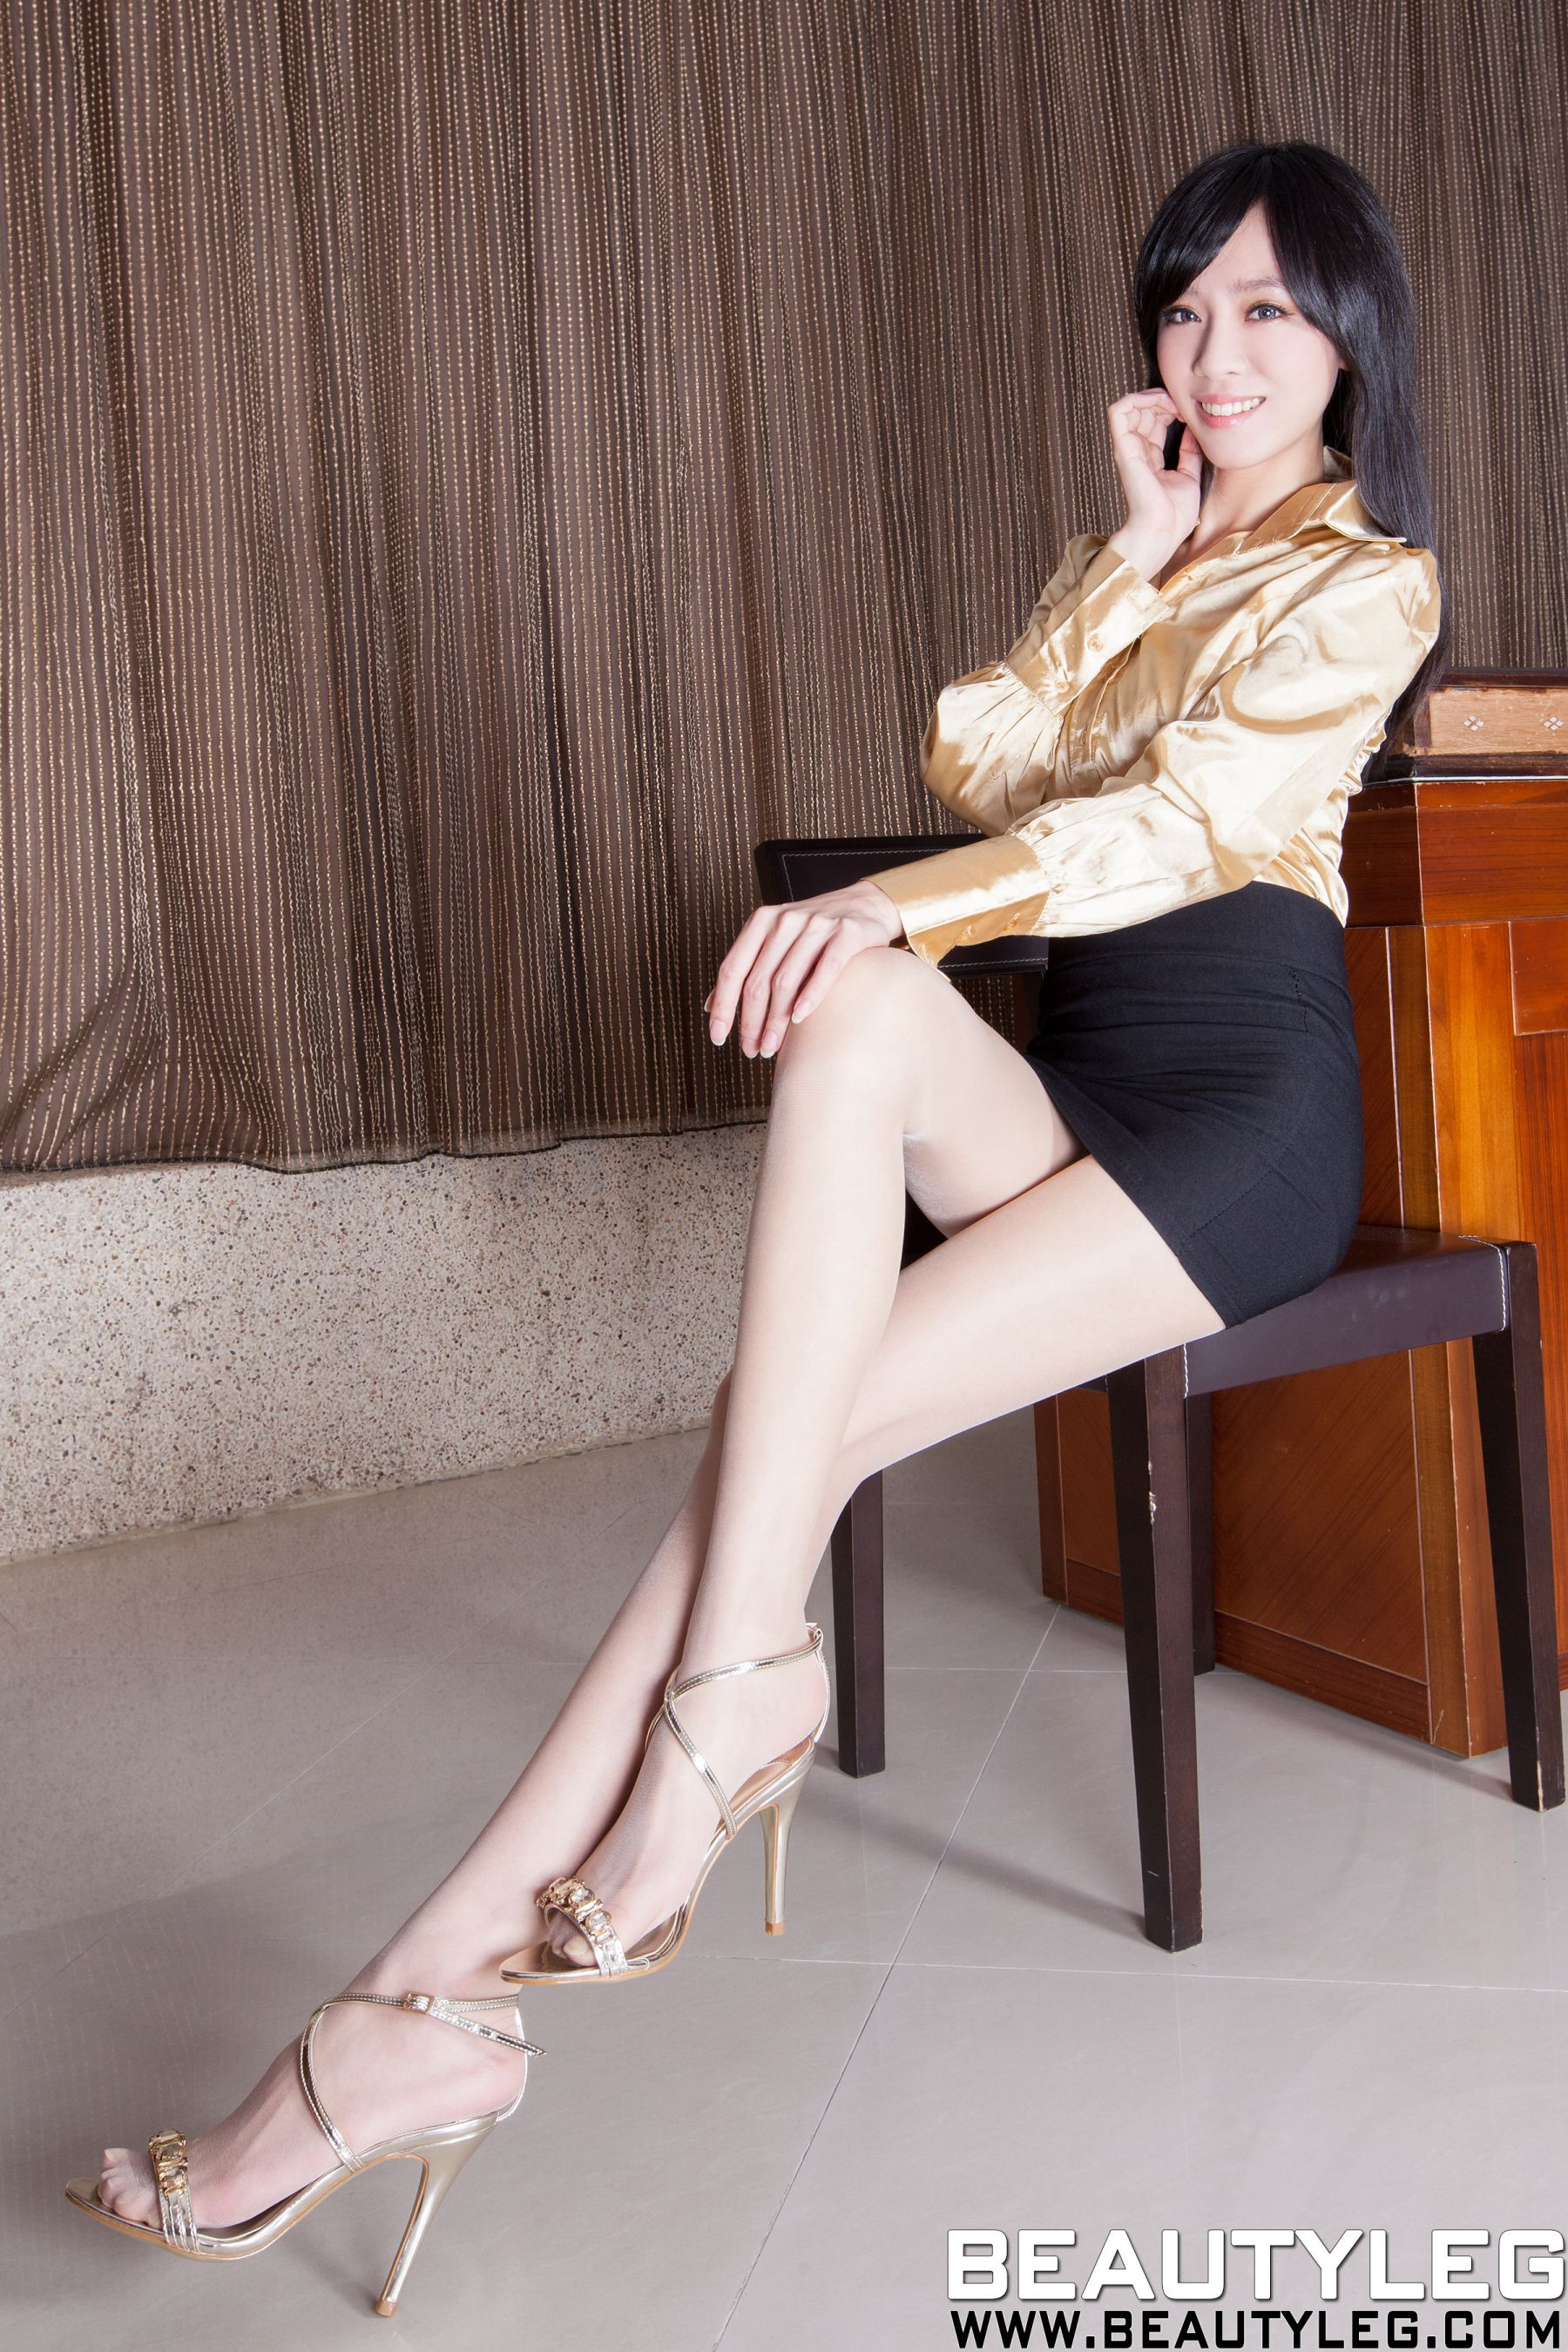 VOL.1200 [Beautyleg]高跟美腿:林千如(腿模Anita)高品质写真套图(68P)